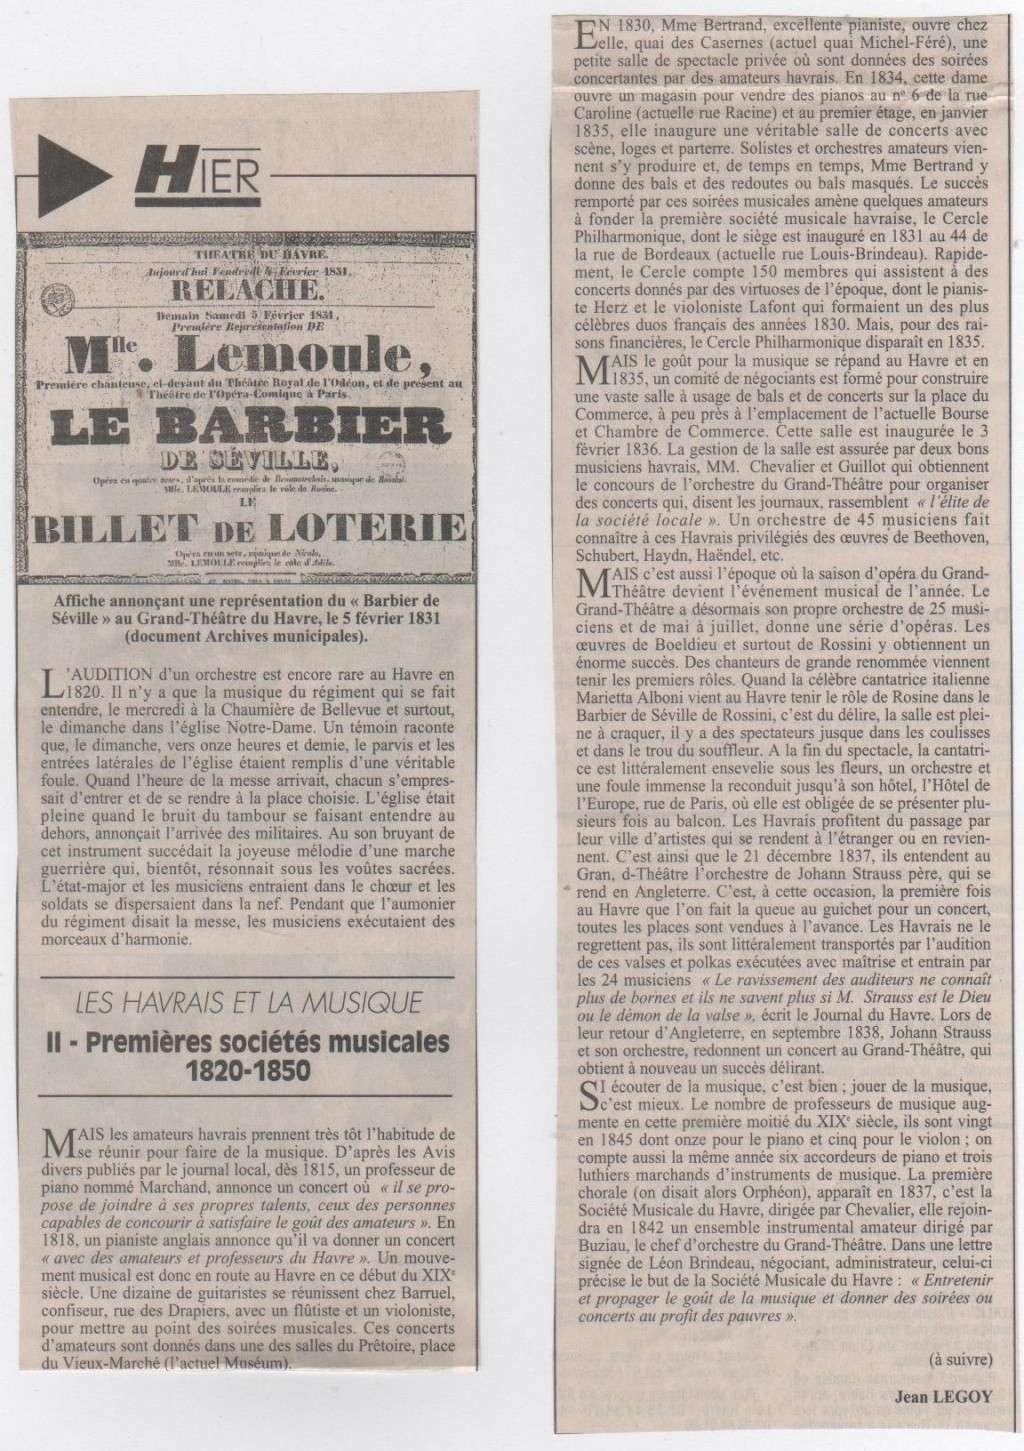 Hier, Le Havre par Jean LEGOY - Page 2 Jean_l79